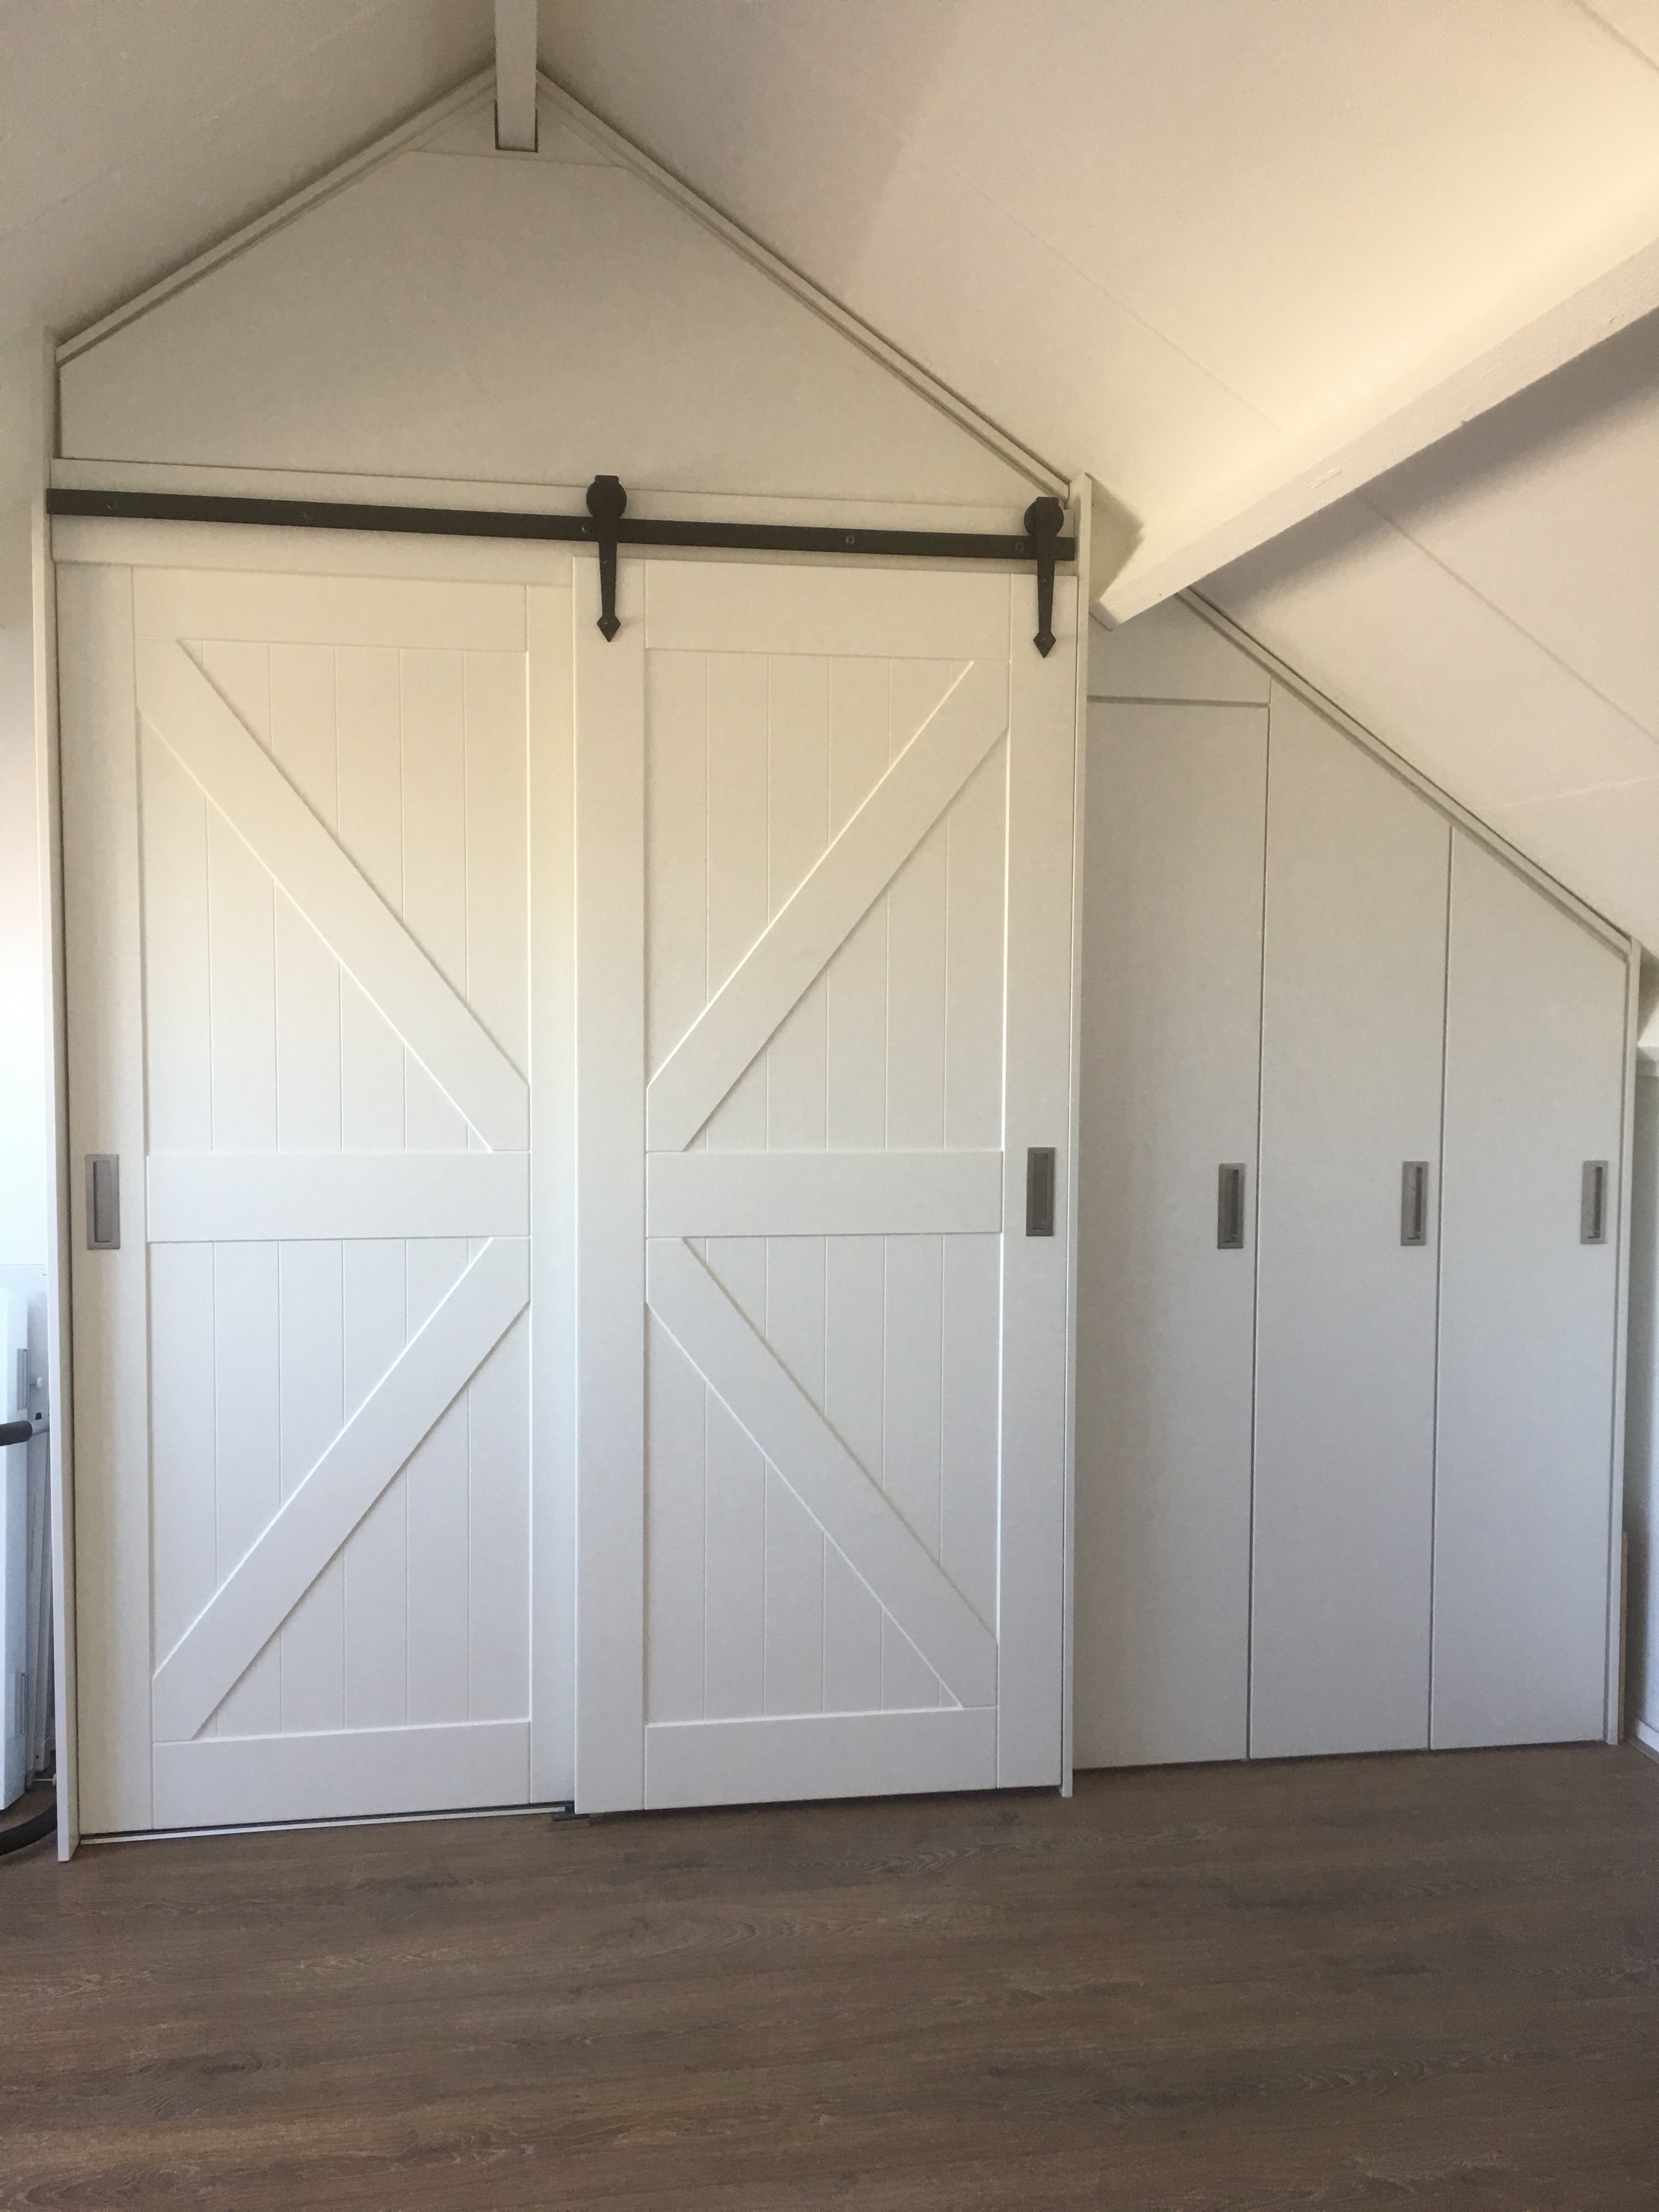 Barn schuifdeuren deur landelijk boerderij wit zwart